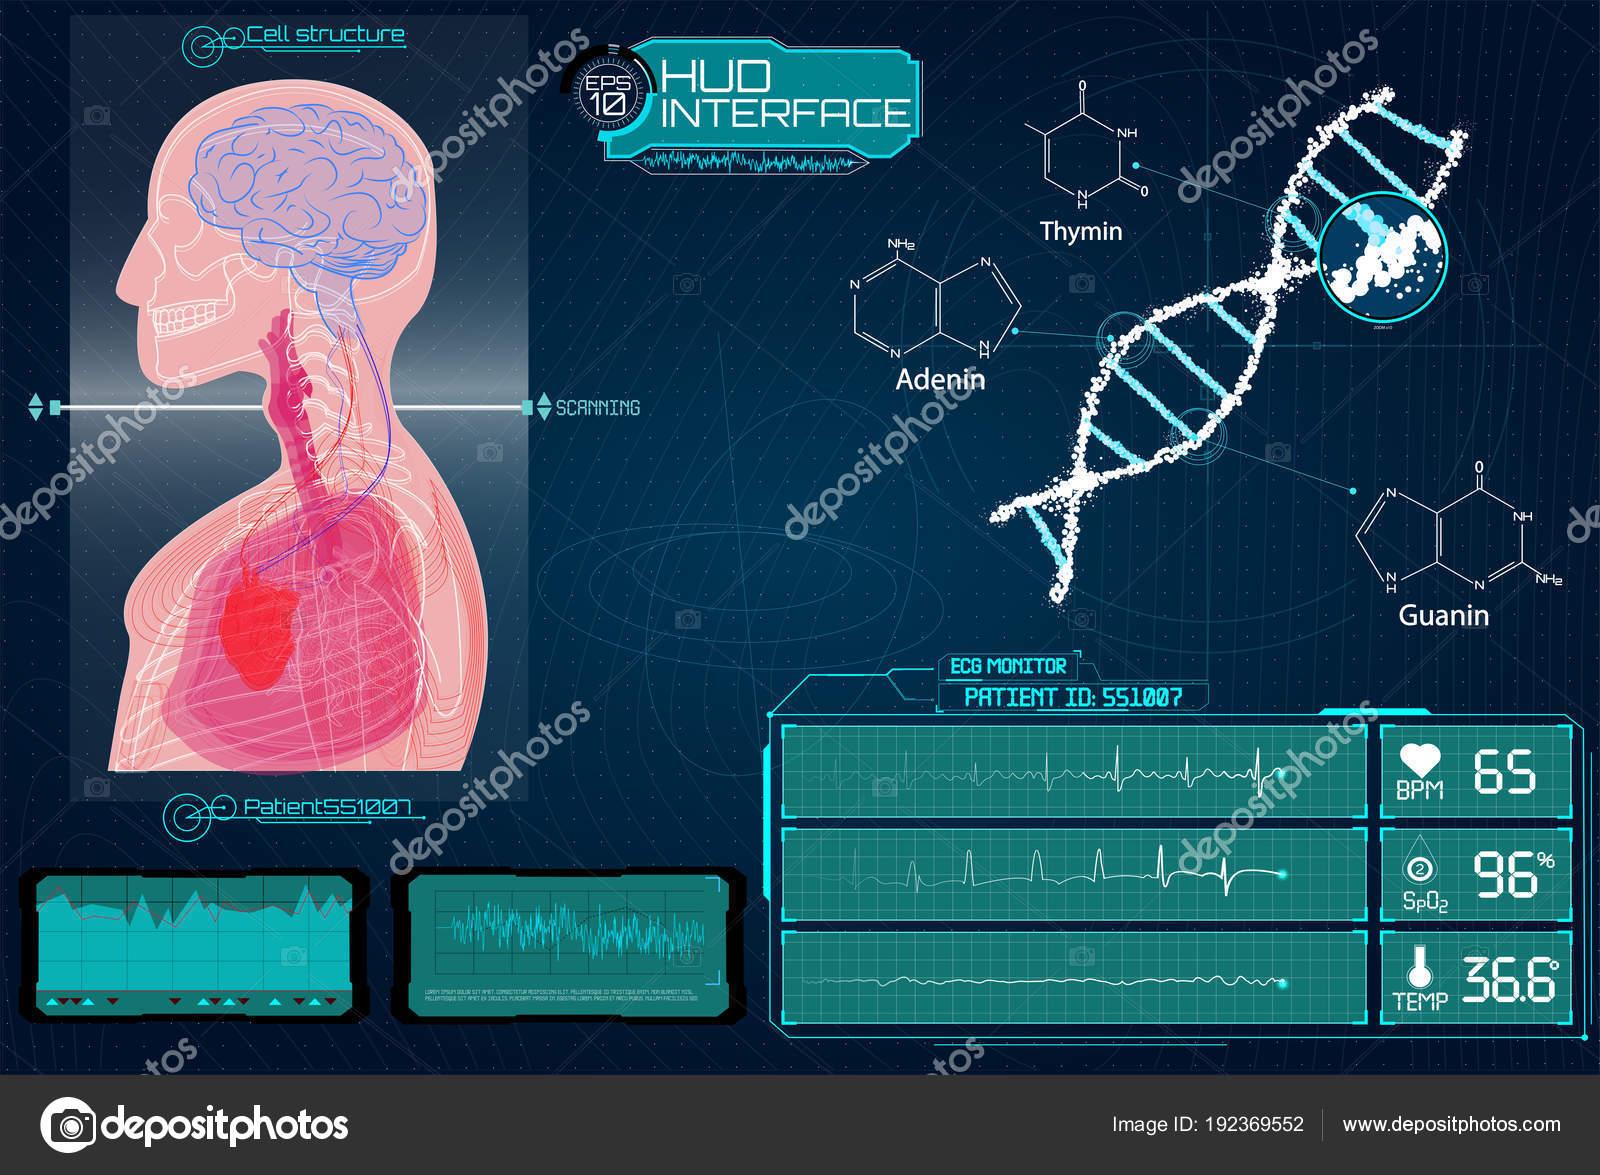 Futuristische medizinische Hud-Interface. Gehirn-Scan, Herz-Scan ...